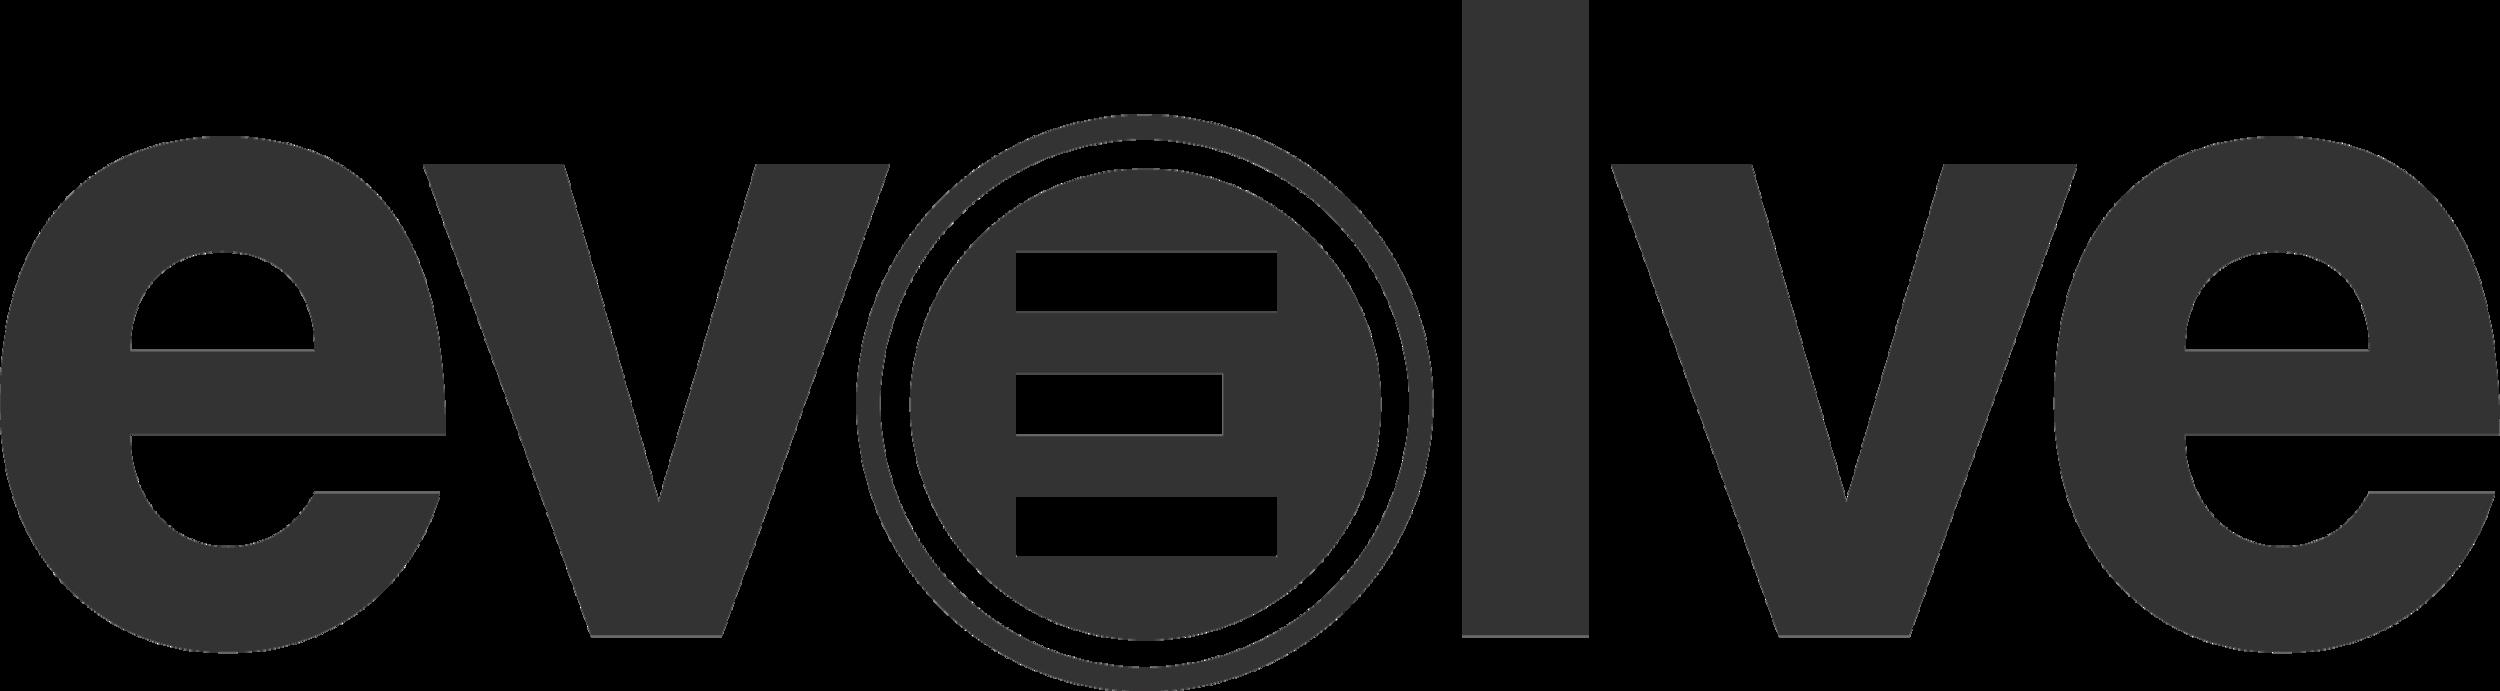 Evolve logo LARGE no background.png